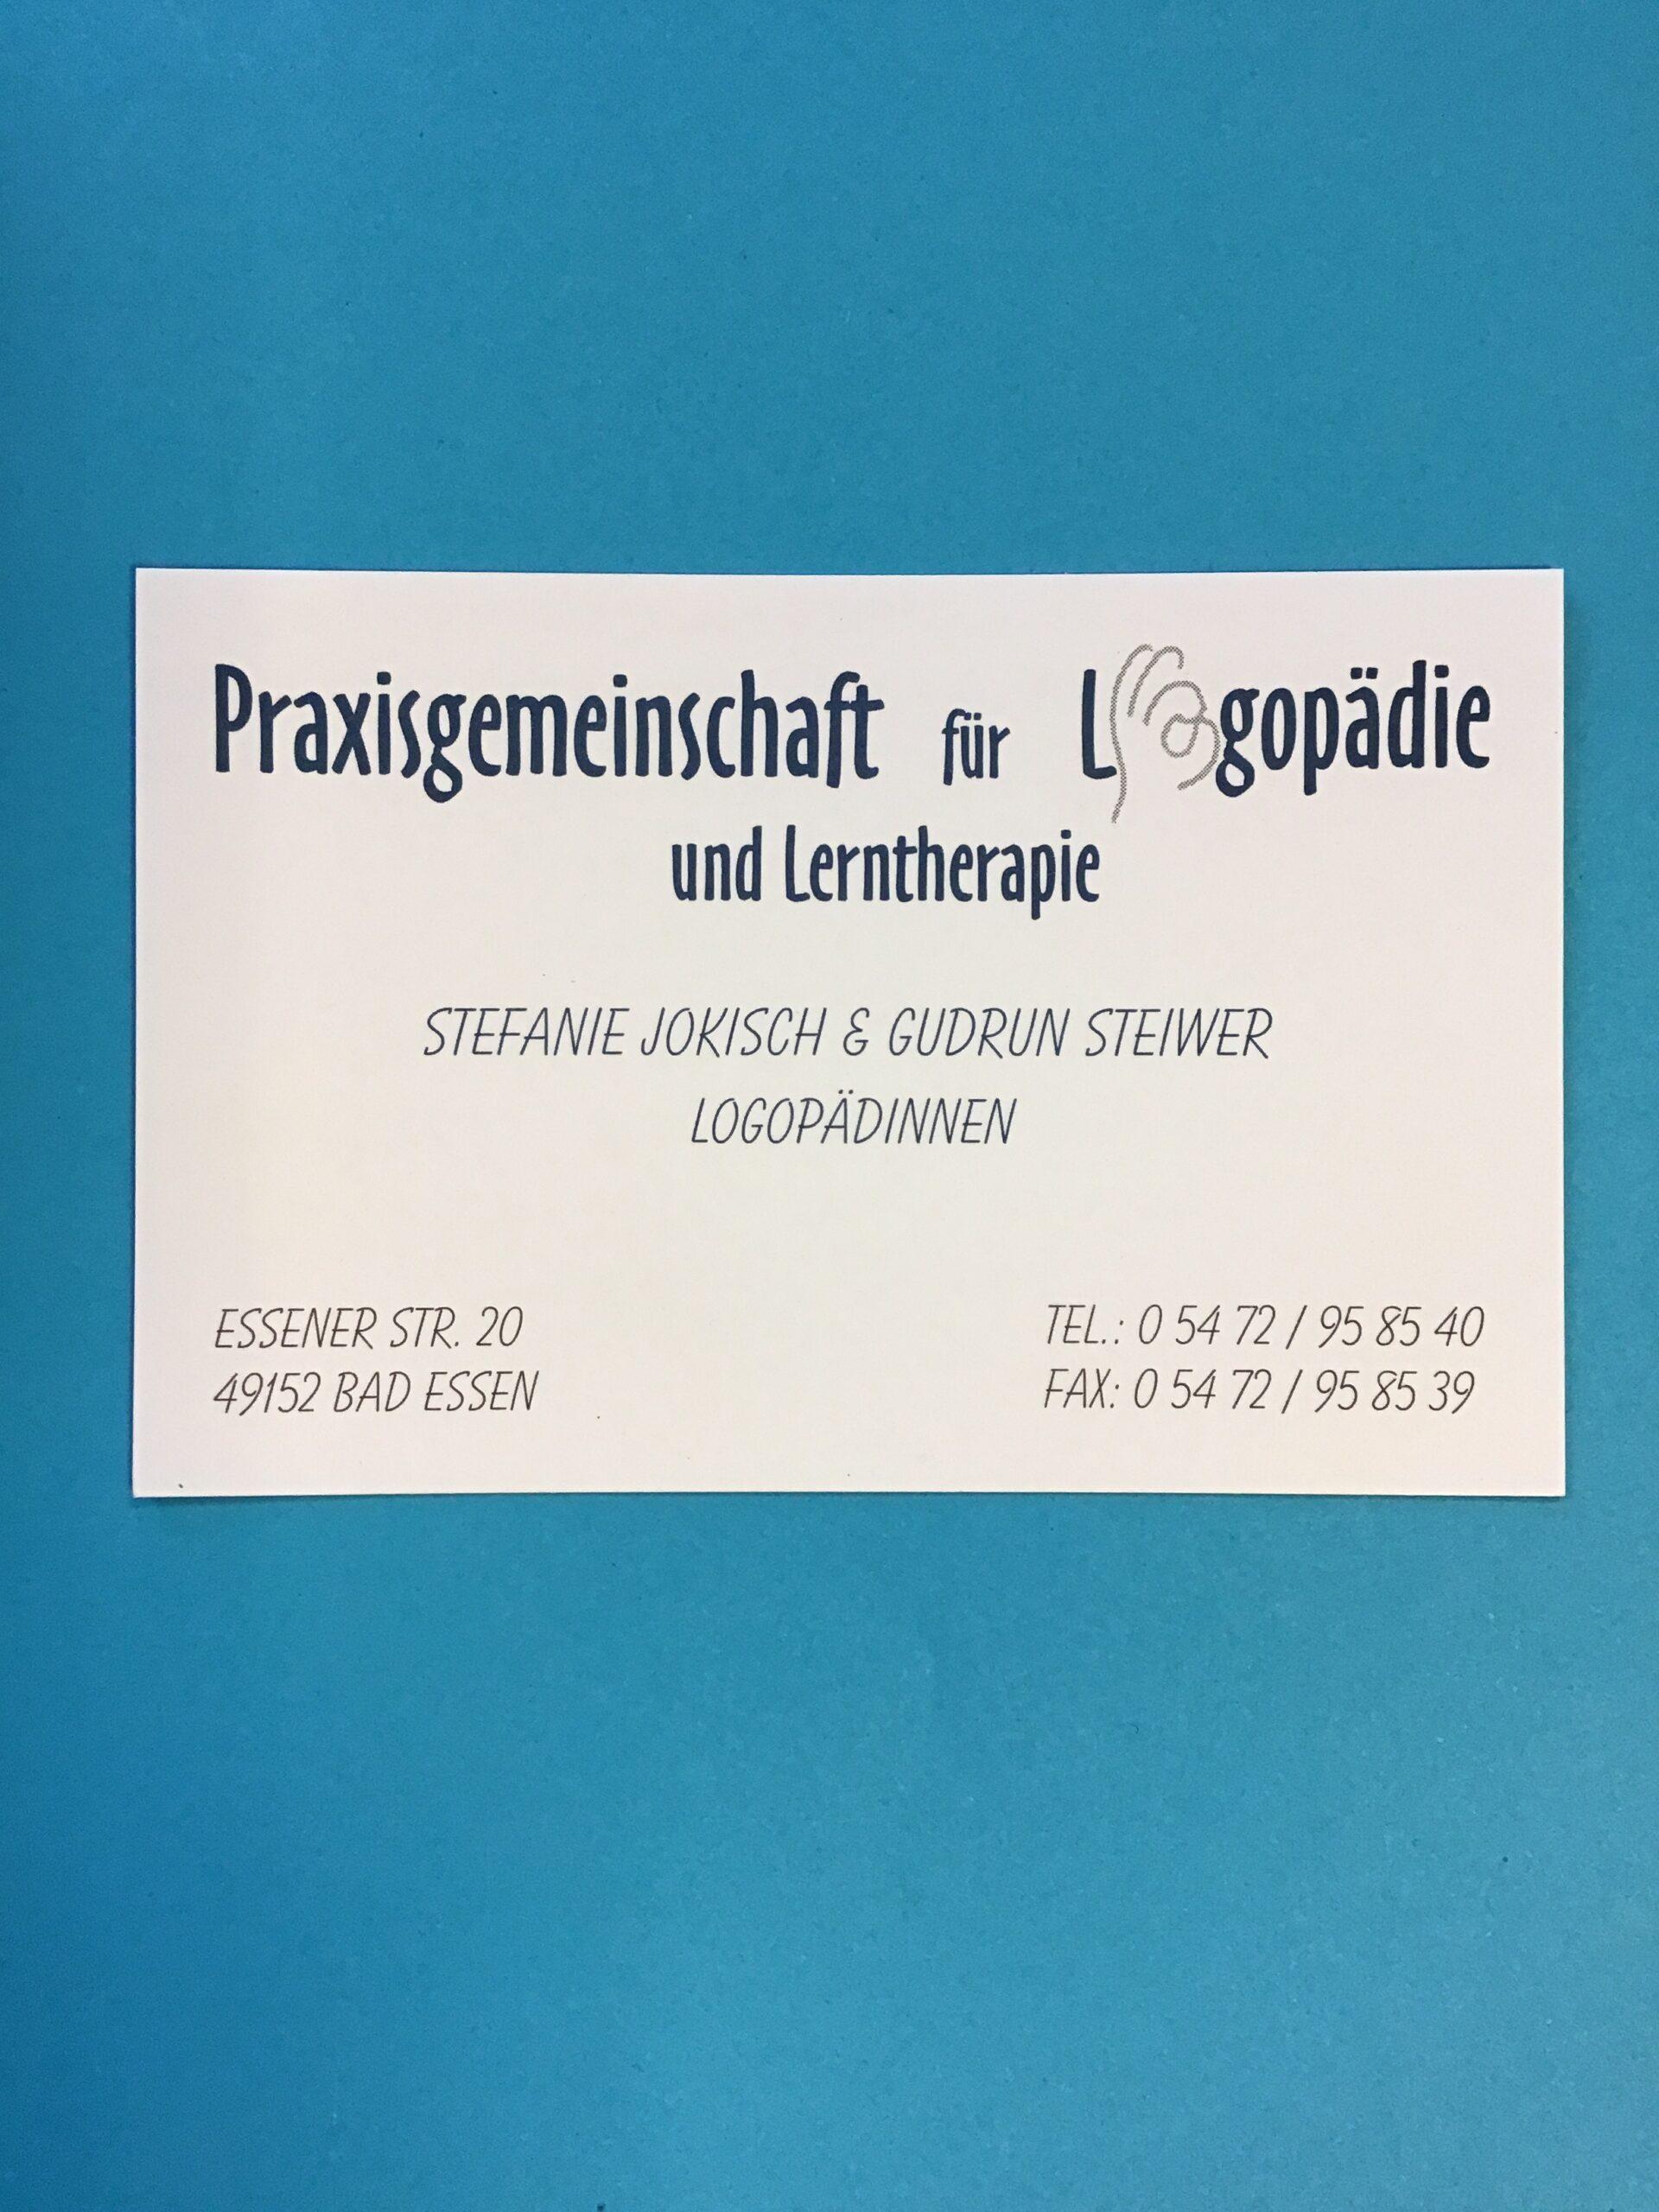 Praxisgemeinschaft für Logopädie Jokisch und Steiwer